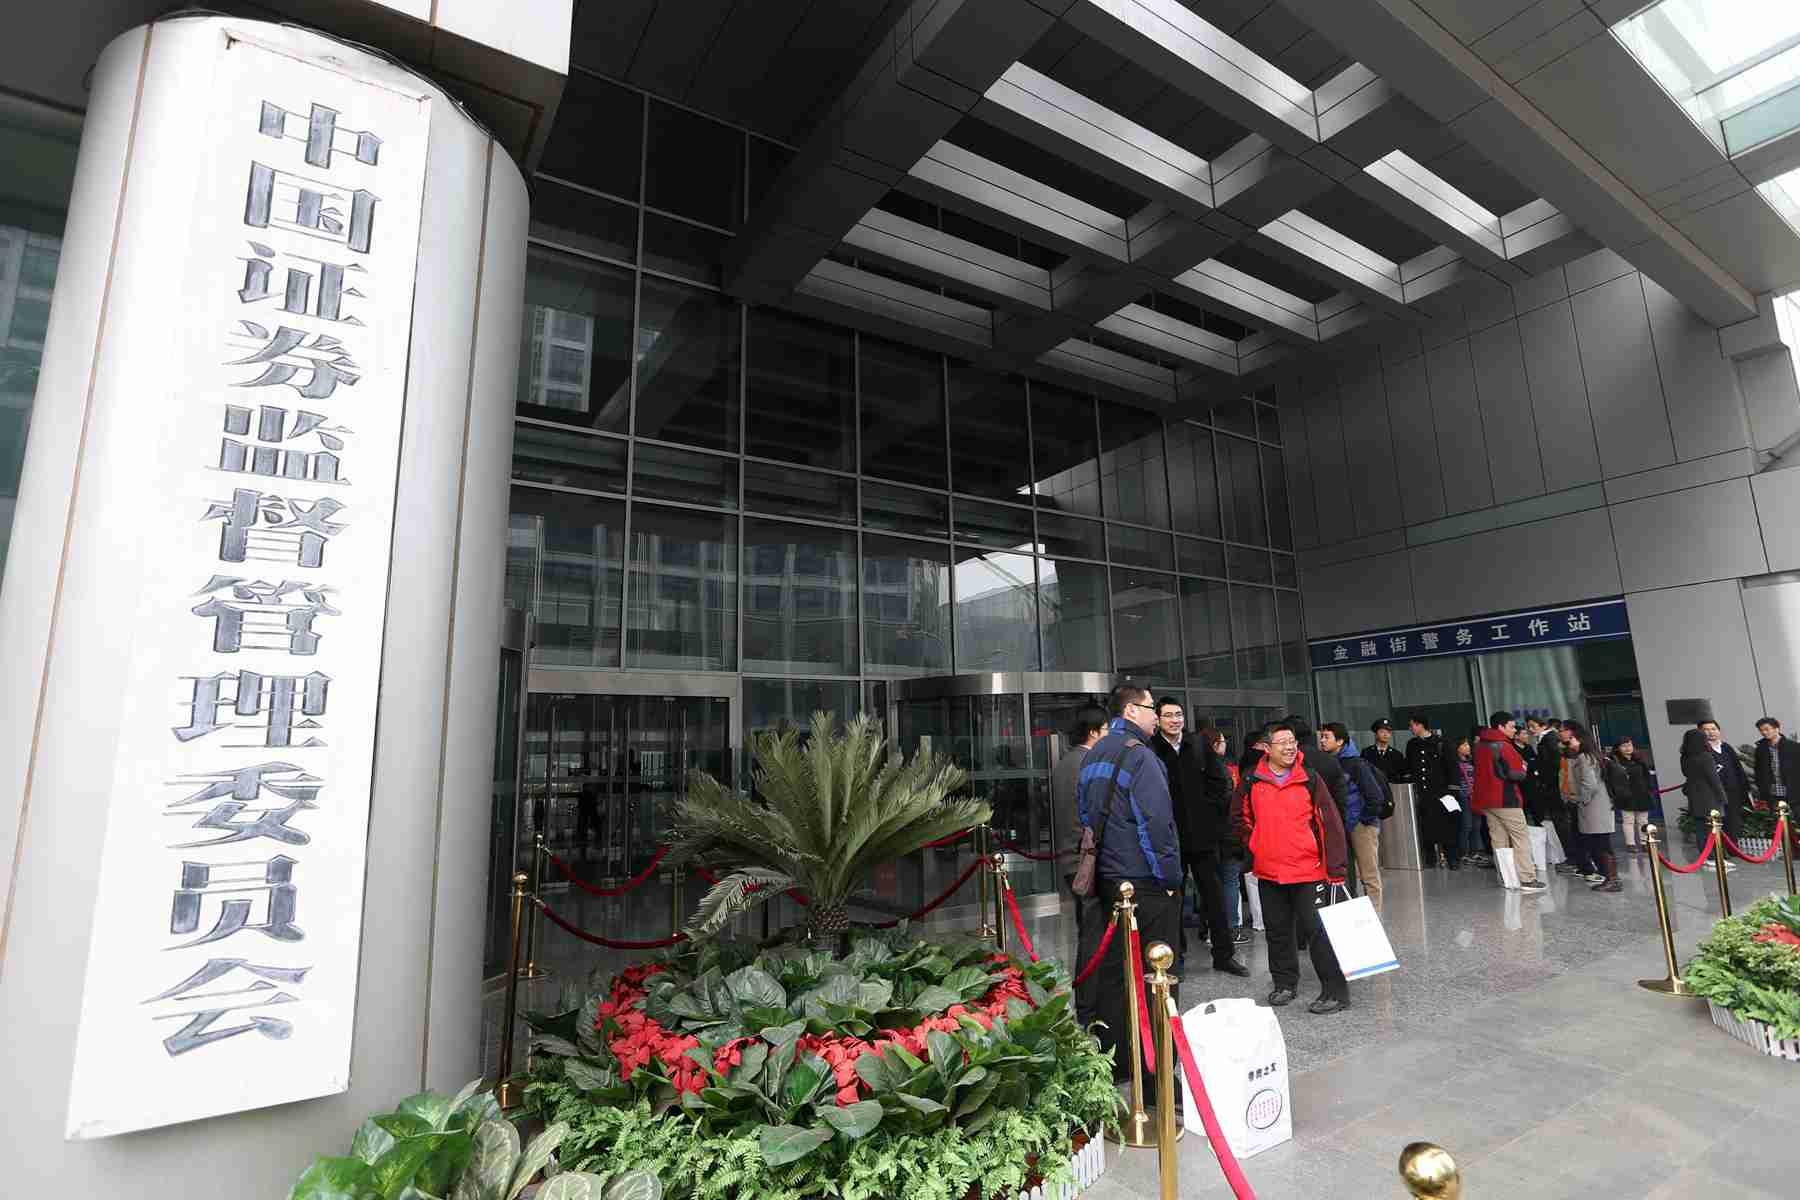 太阳神娱乐证监会与香港证监会就跨境受监管机构监管合作及交换信息事宜签署谅解备忘录